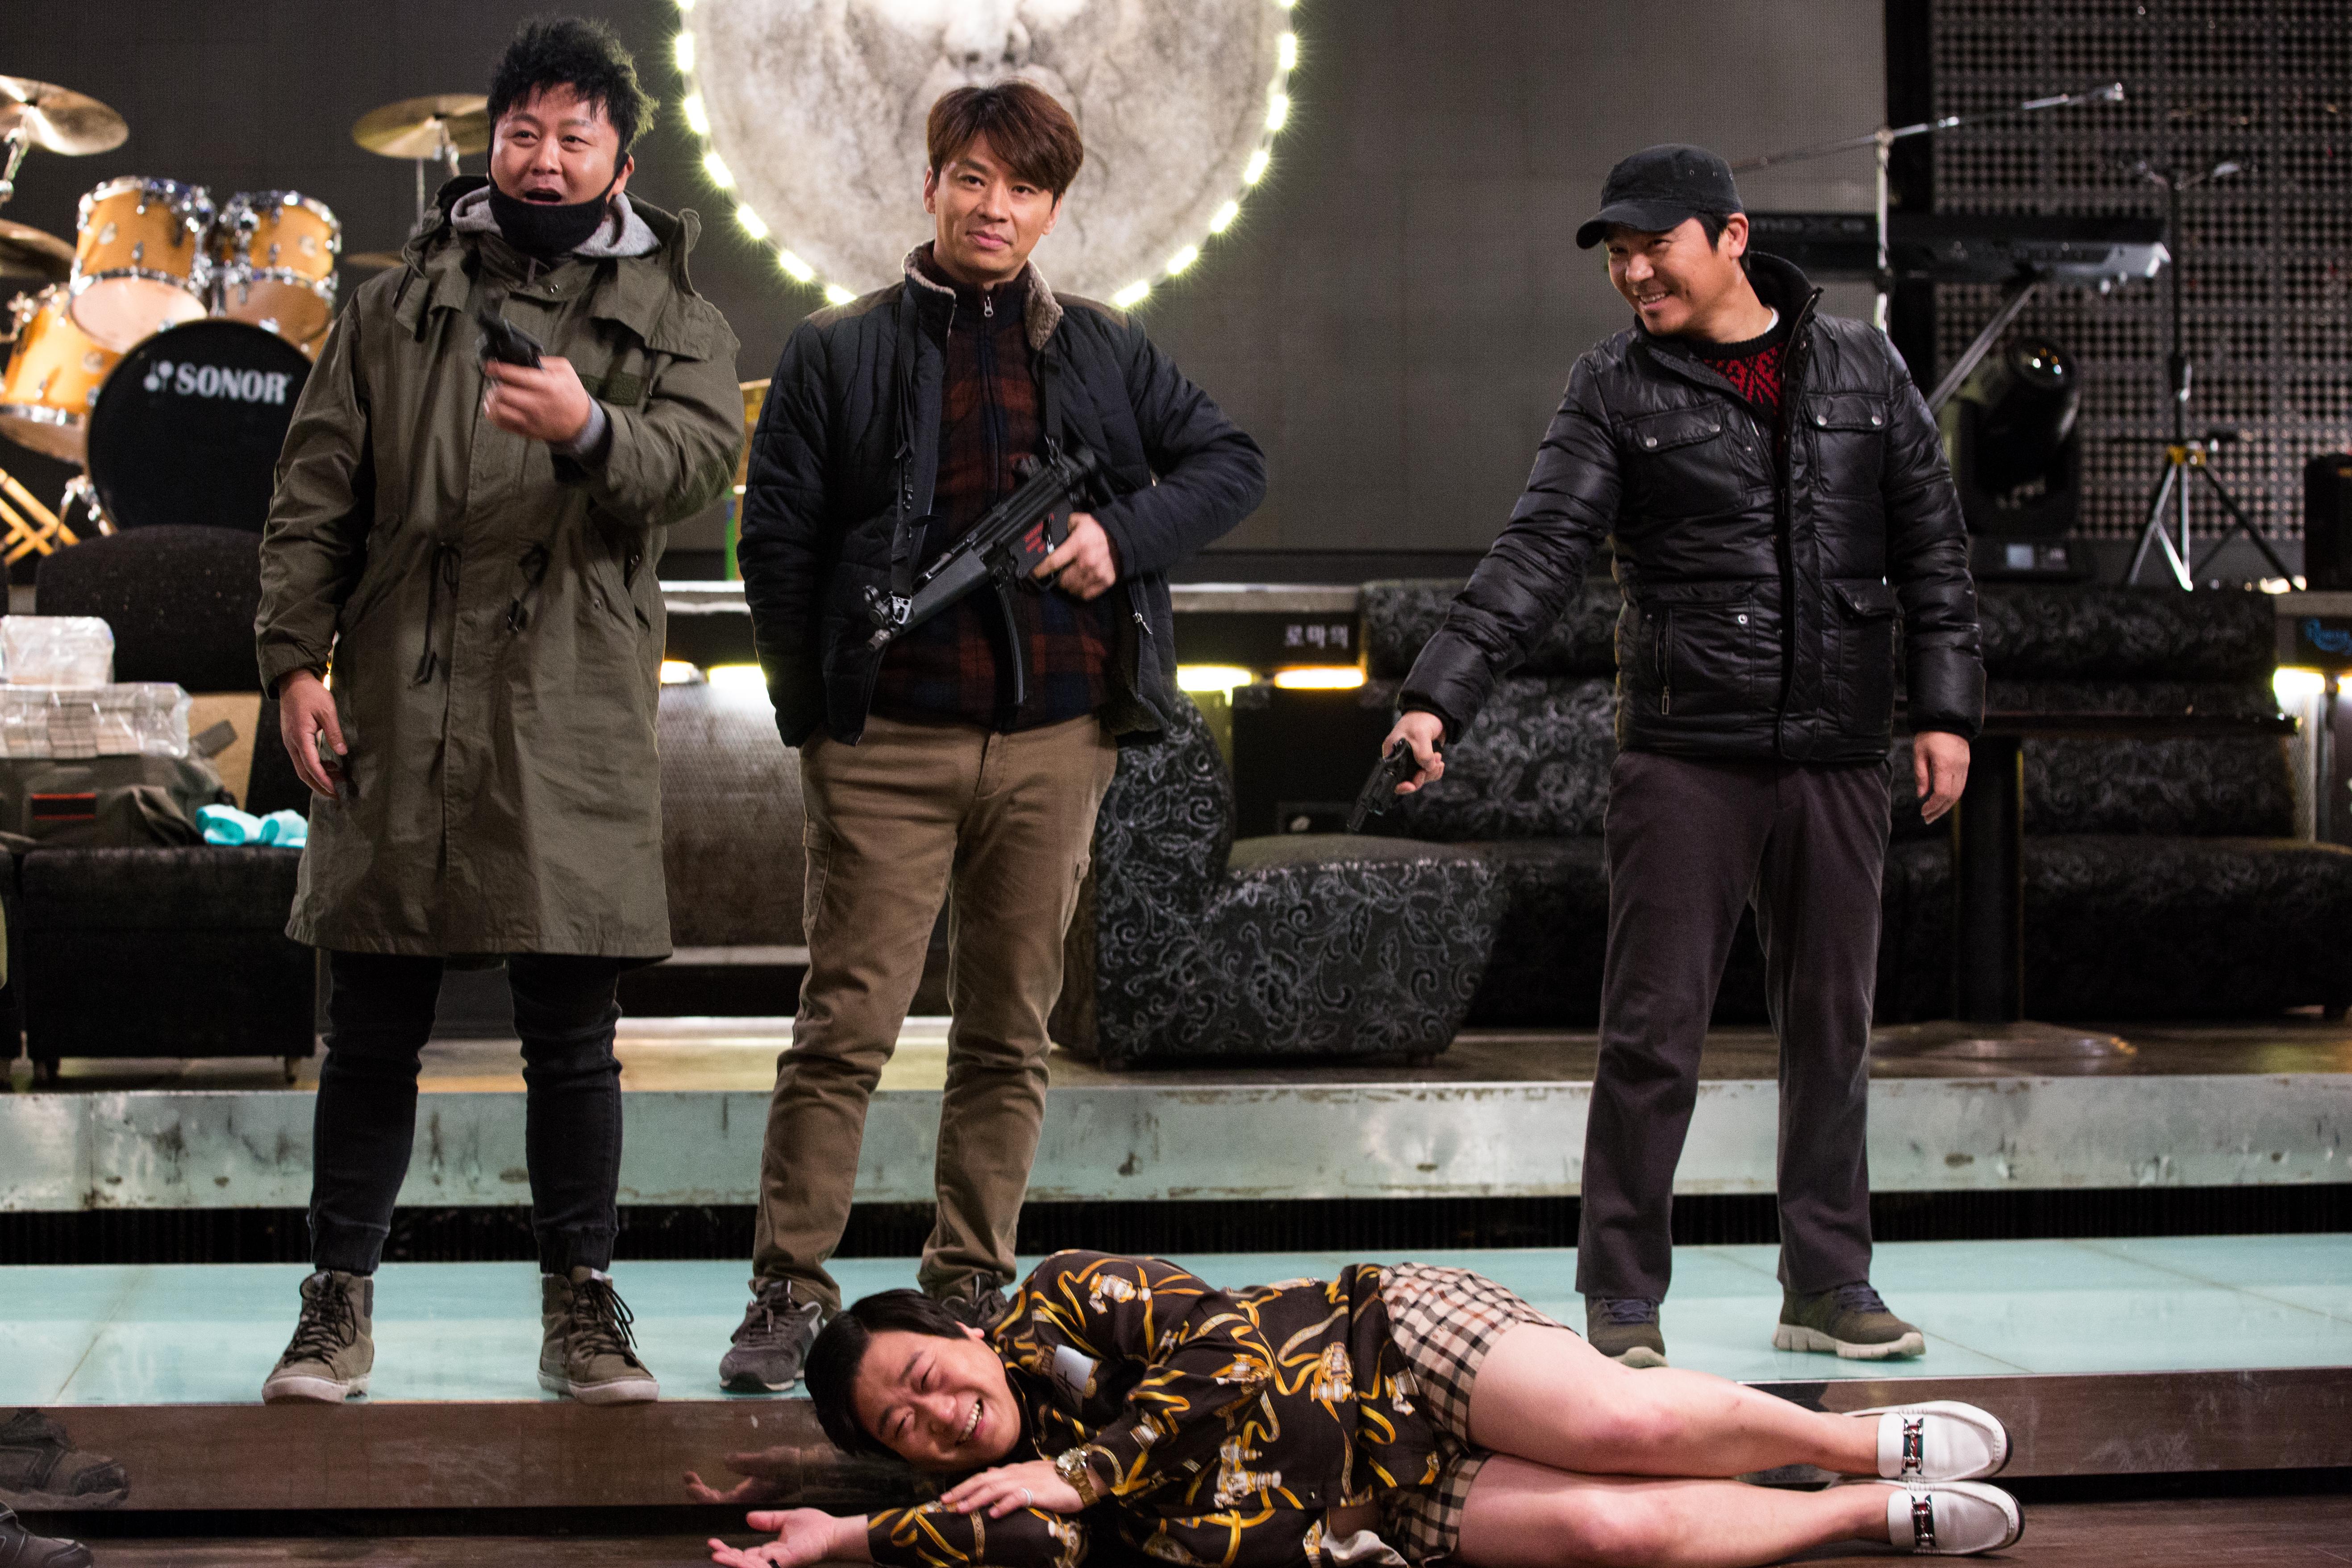 [애프터스크리닝] 한국 특유의 코미디 감성도 잡고, 감동도 잡고 <로마의 휴일> ★★☆